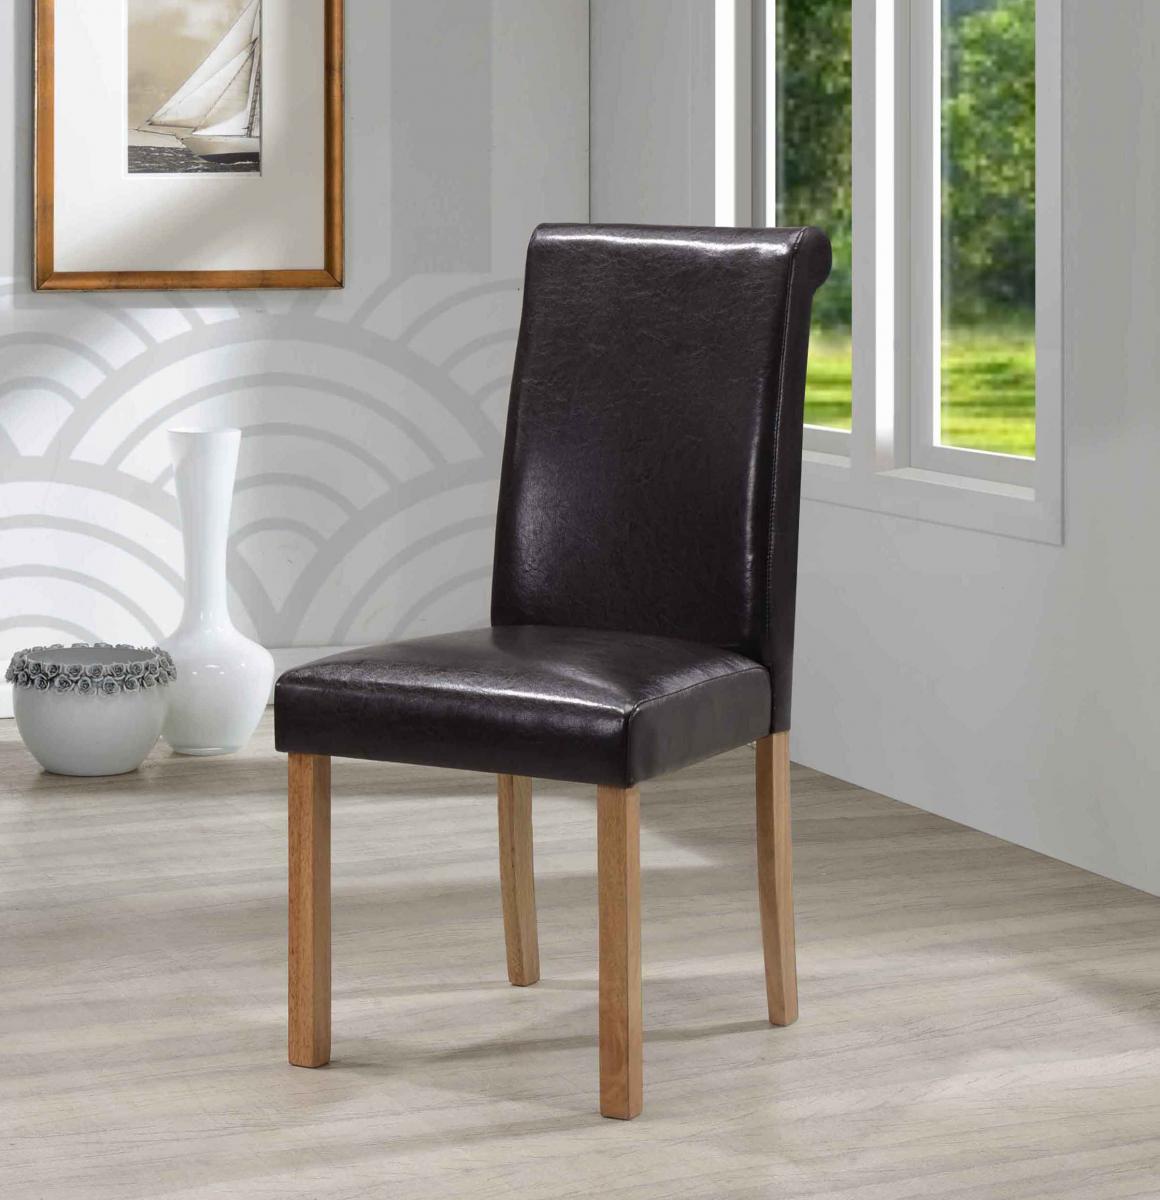 Jasper PU Solid Rubberwood Chair